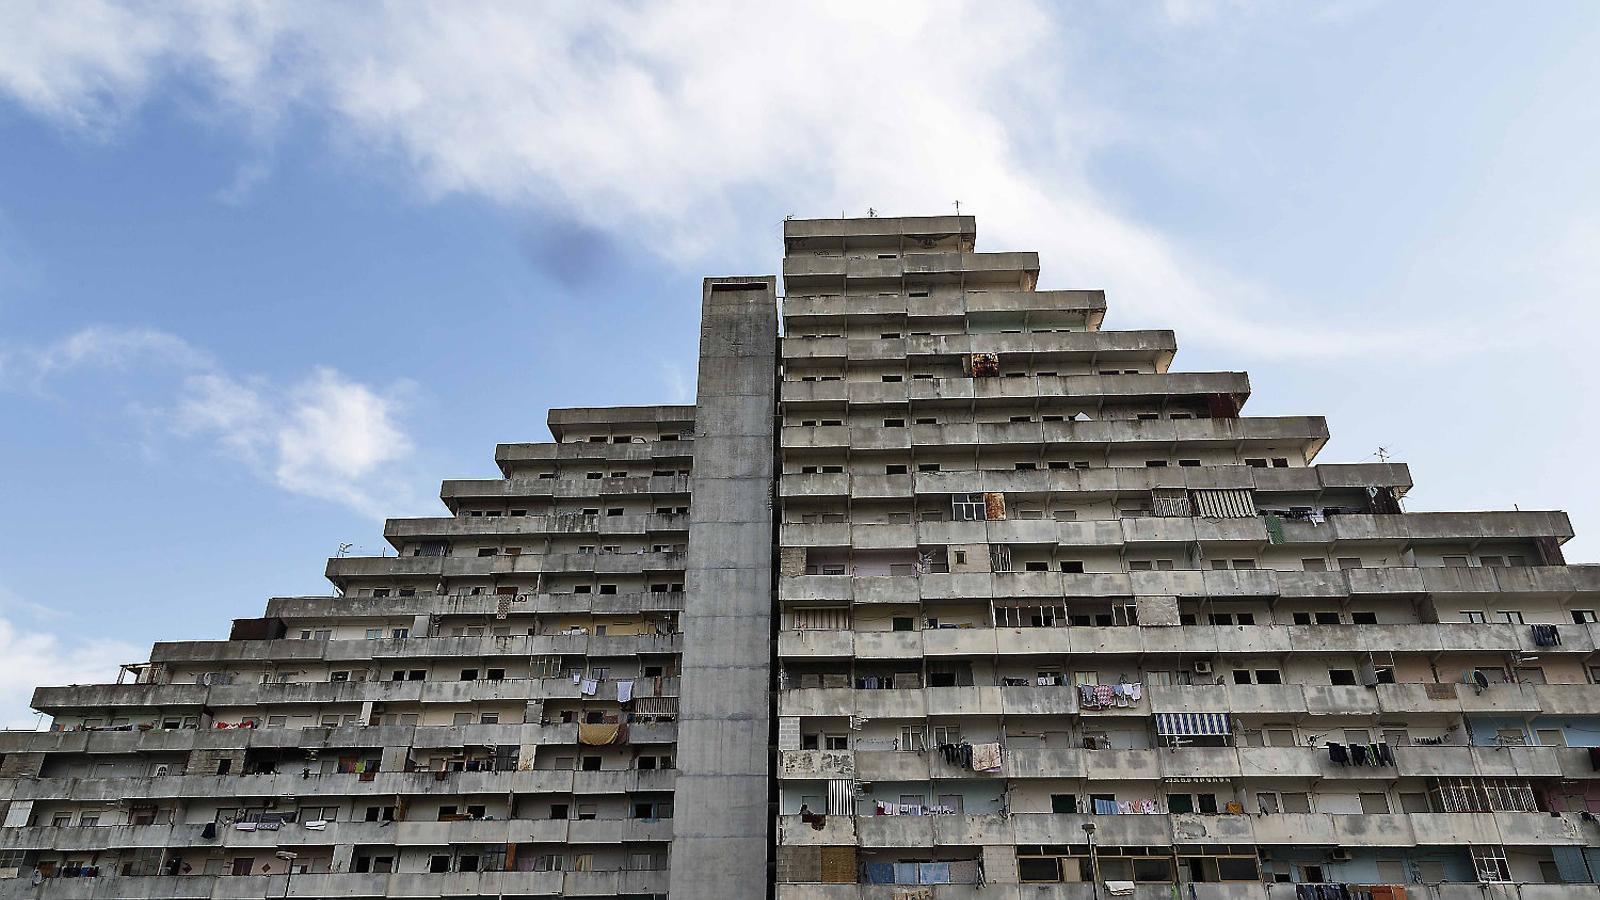 Bloc del barri de Le Vele de Scampia, a Nàpols, un polígon d'habitatges dels anys seixanta dissenyat per Franz Di Salvo, que ara està degradat i en procés de demolició.